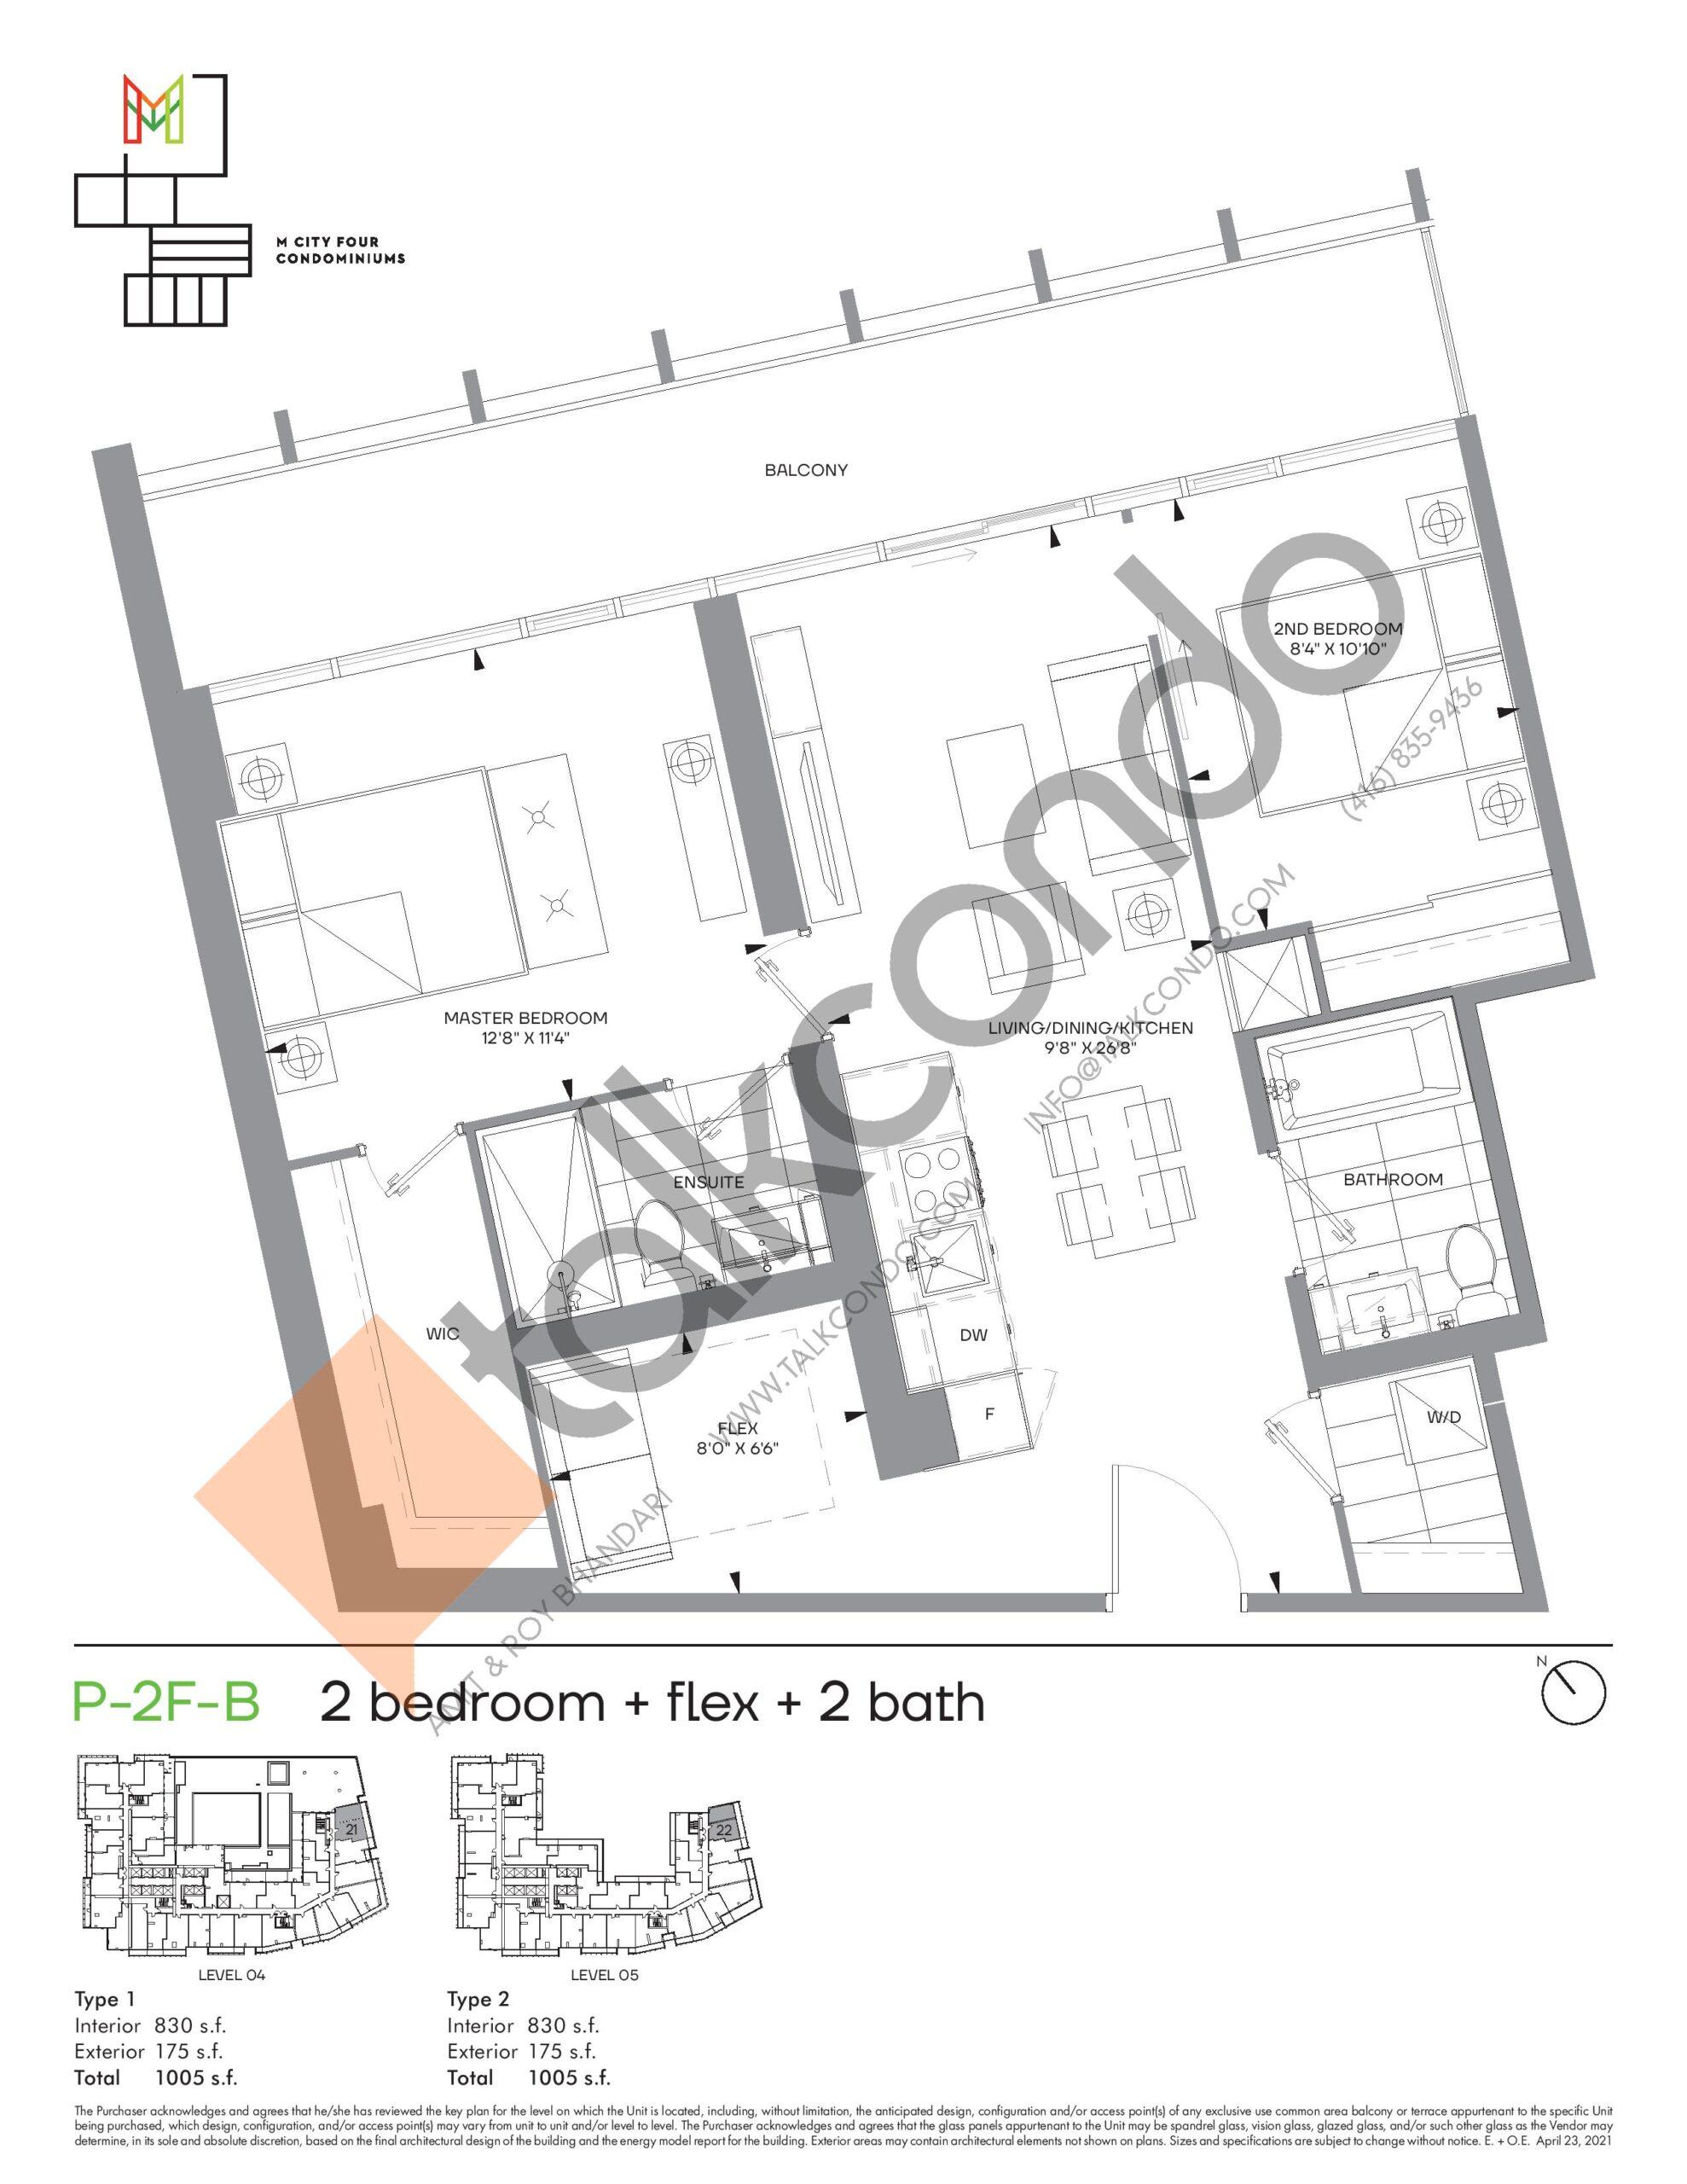 P-2F-B (Podium) Floor Plan at M4 Condos - 830 sq.ft